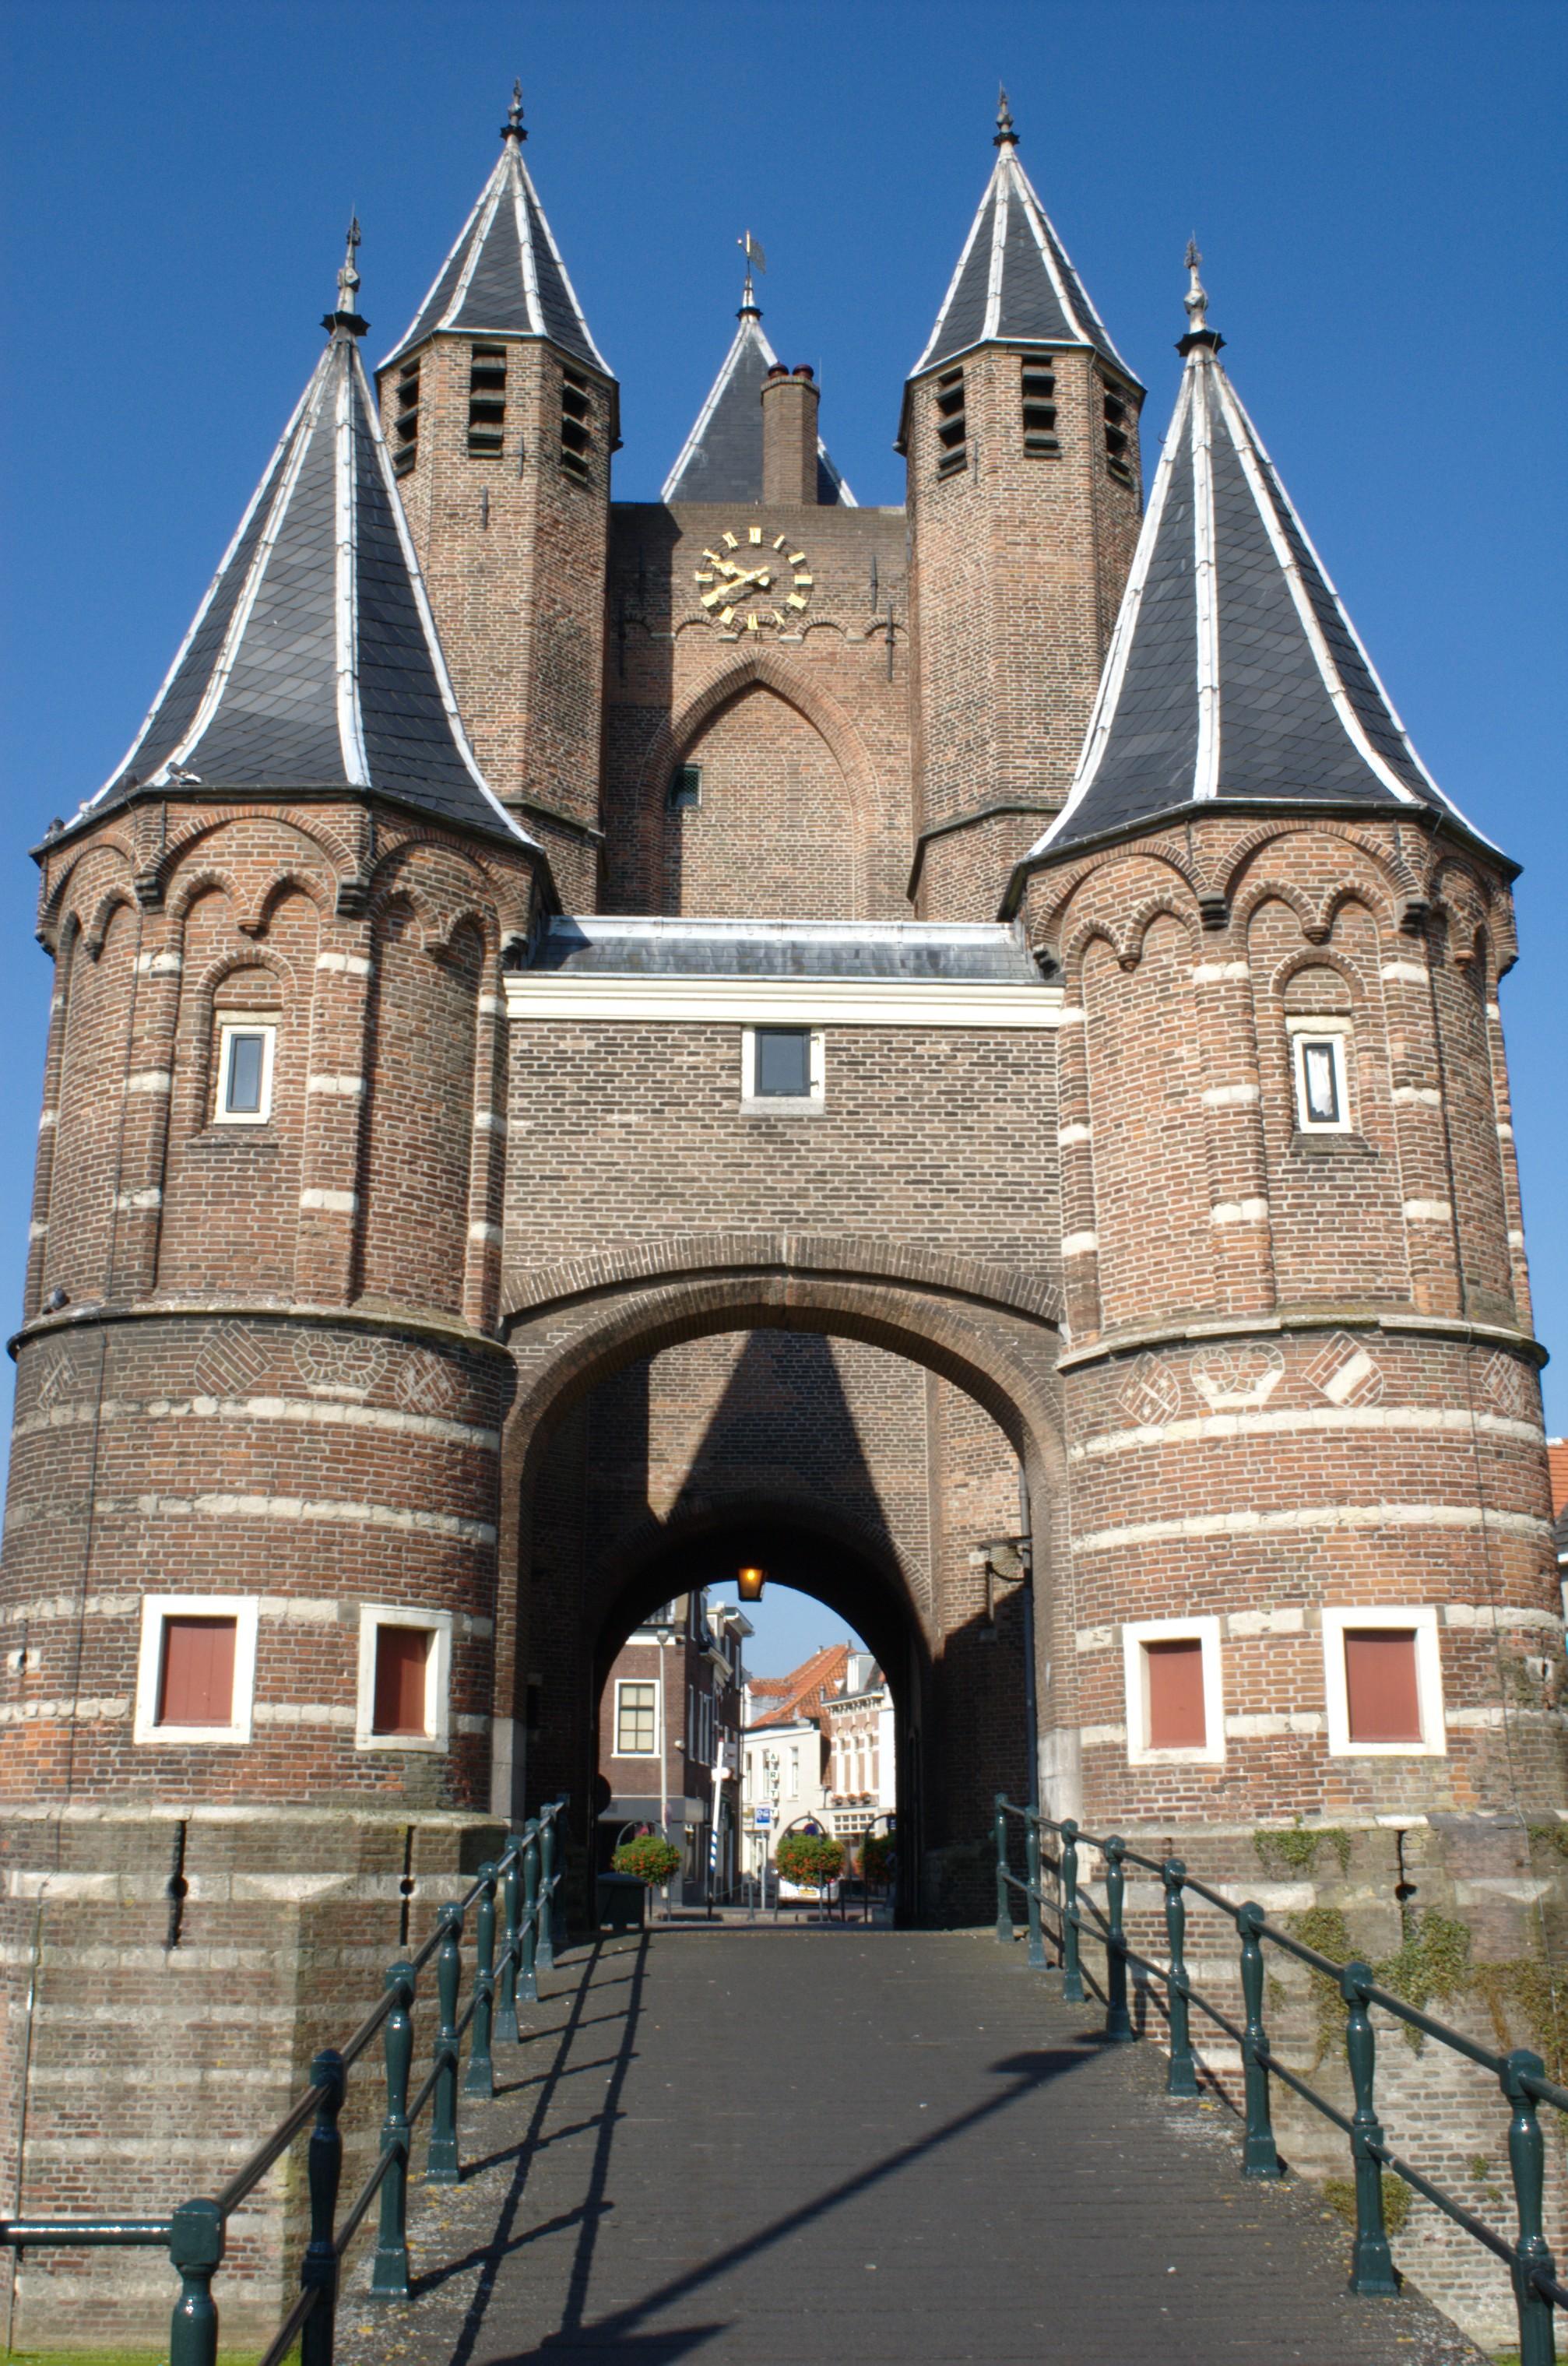 amsterdamse poort in haarlem monument